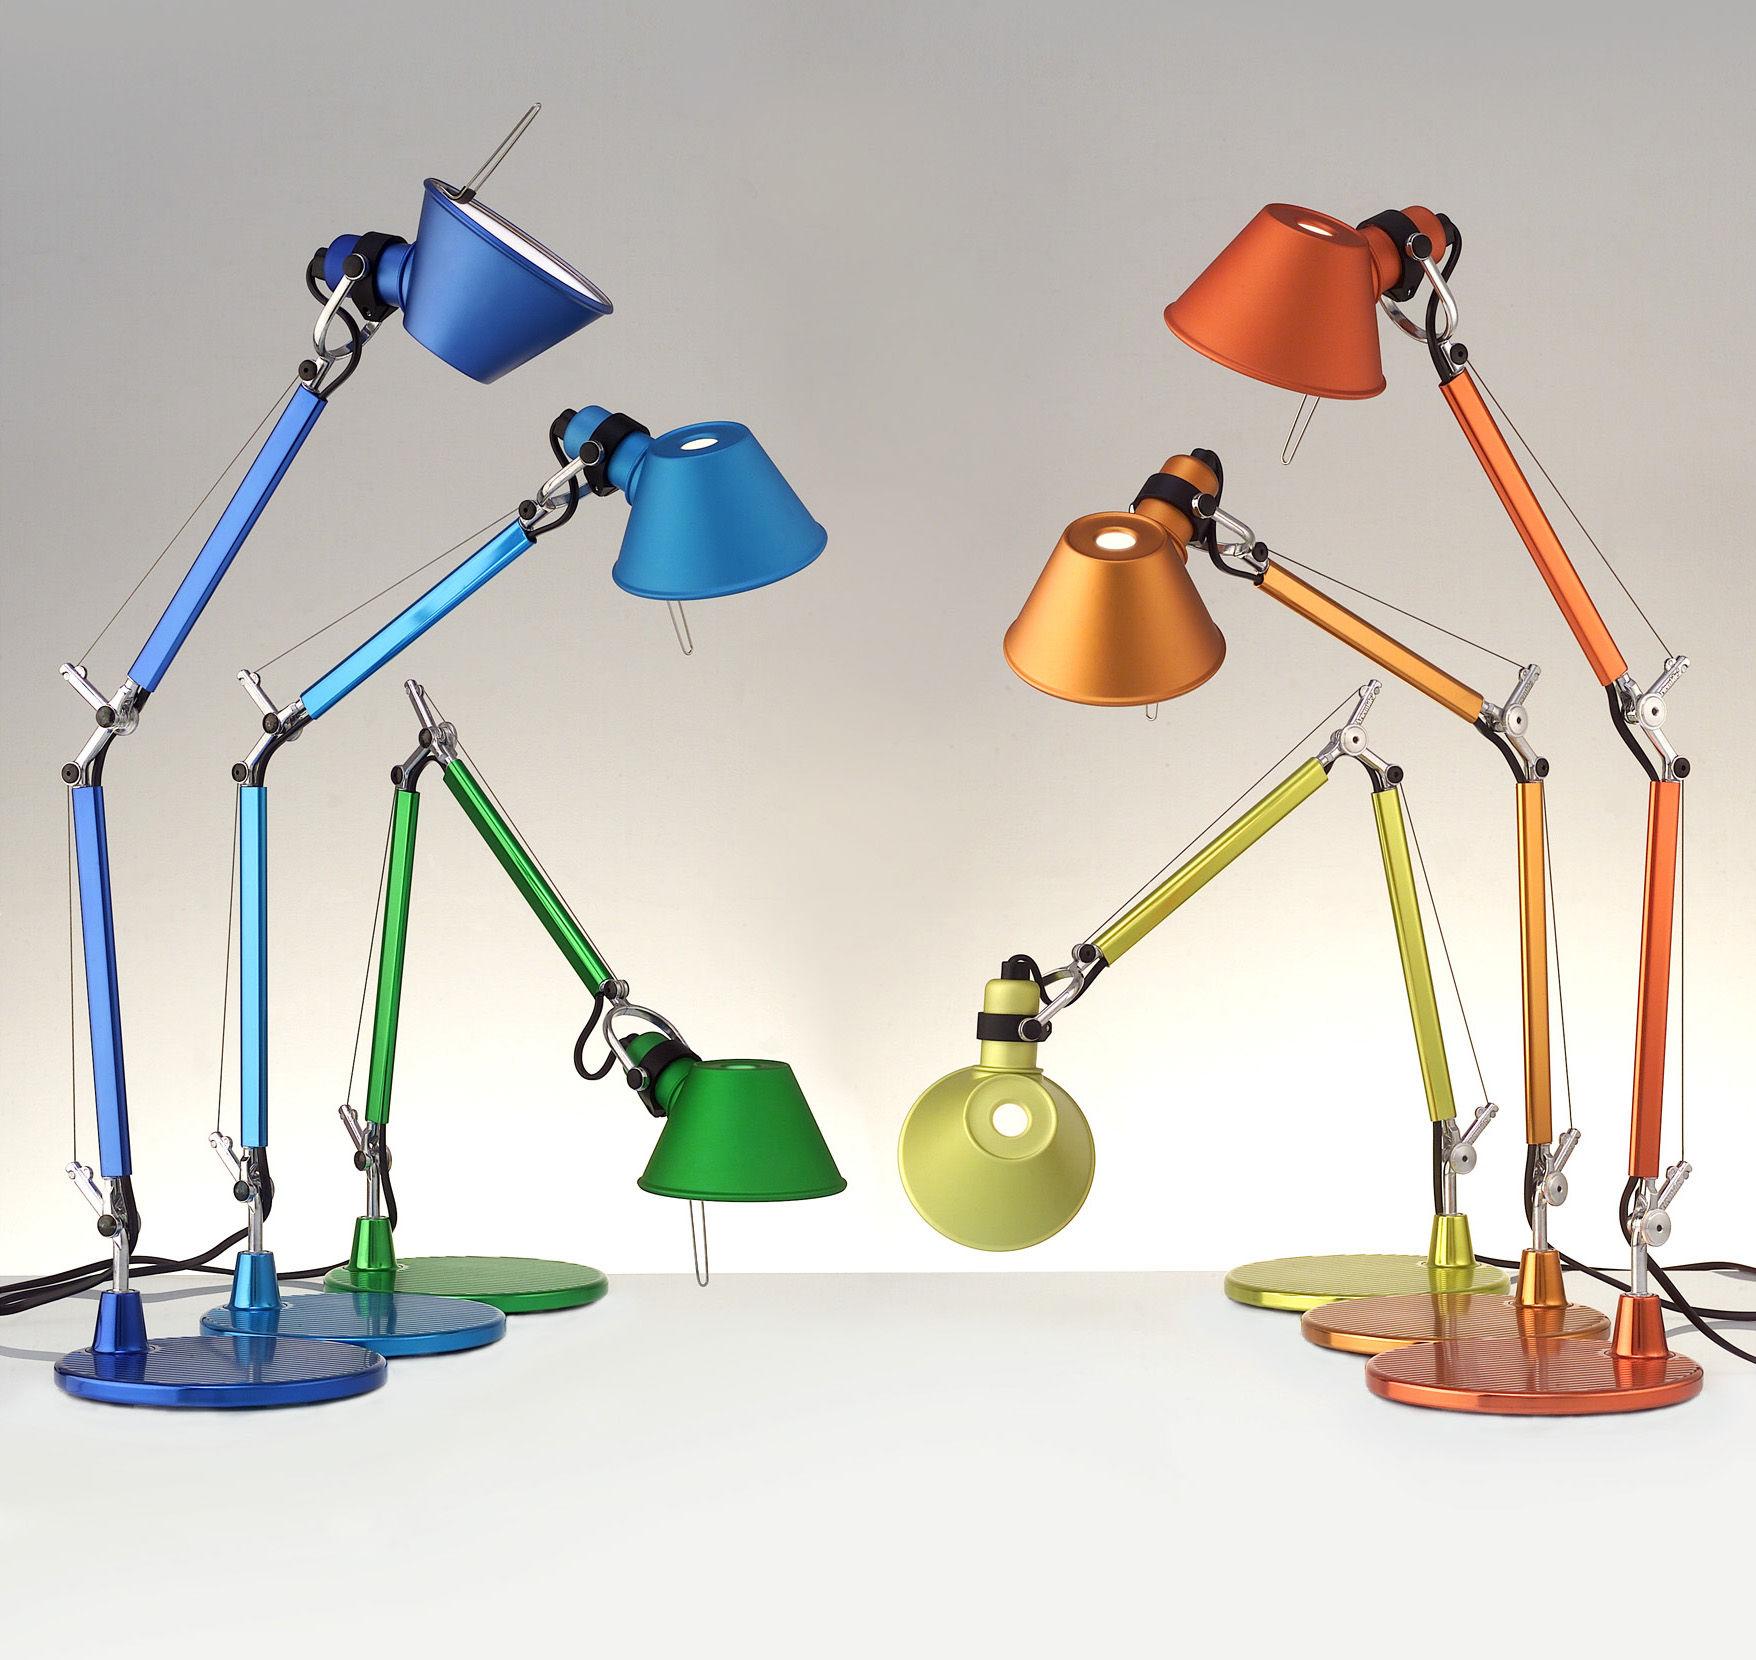 Scopri lampada da tavolo tolomeo micro verde di artemide made in design italia for Lampada da tavolo verde